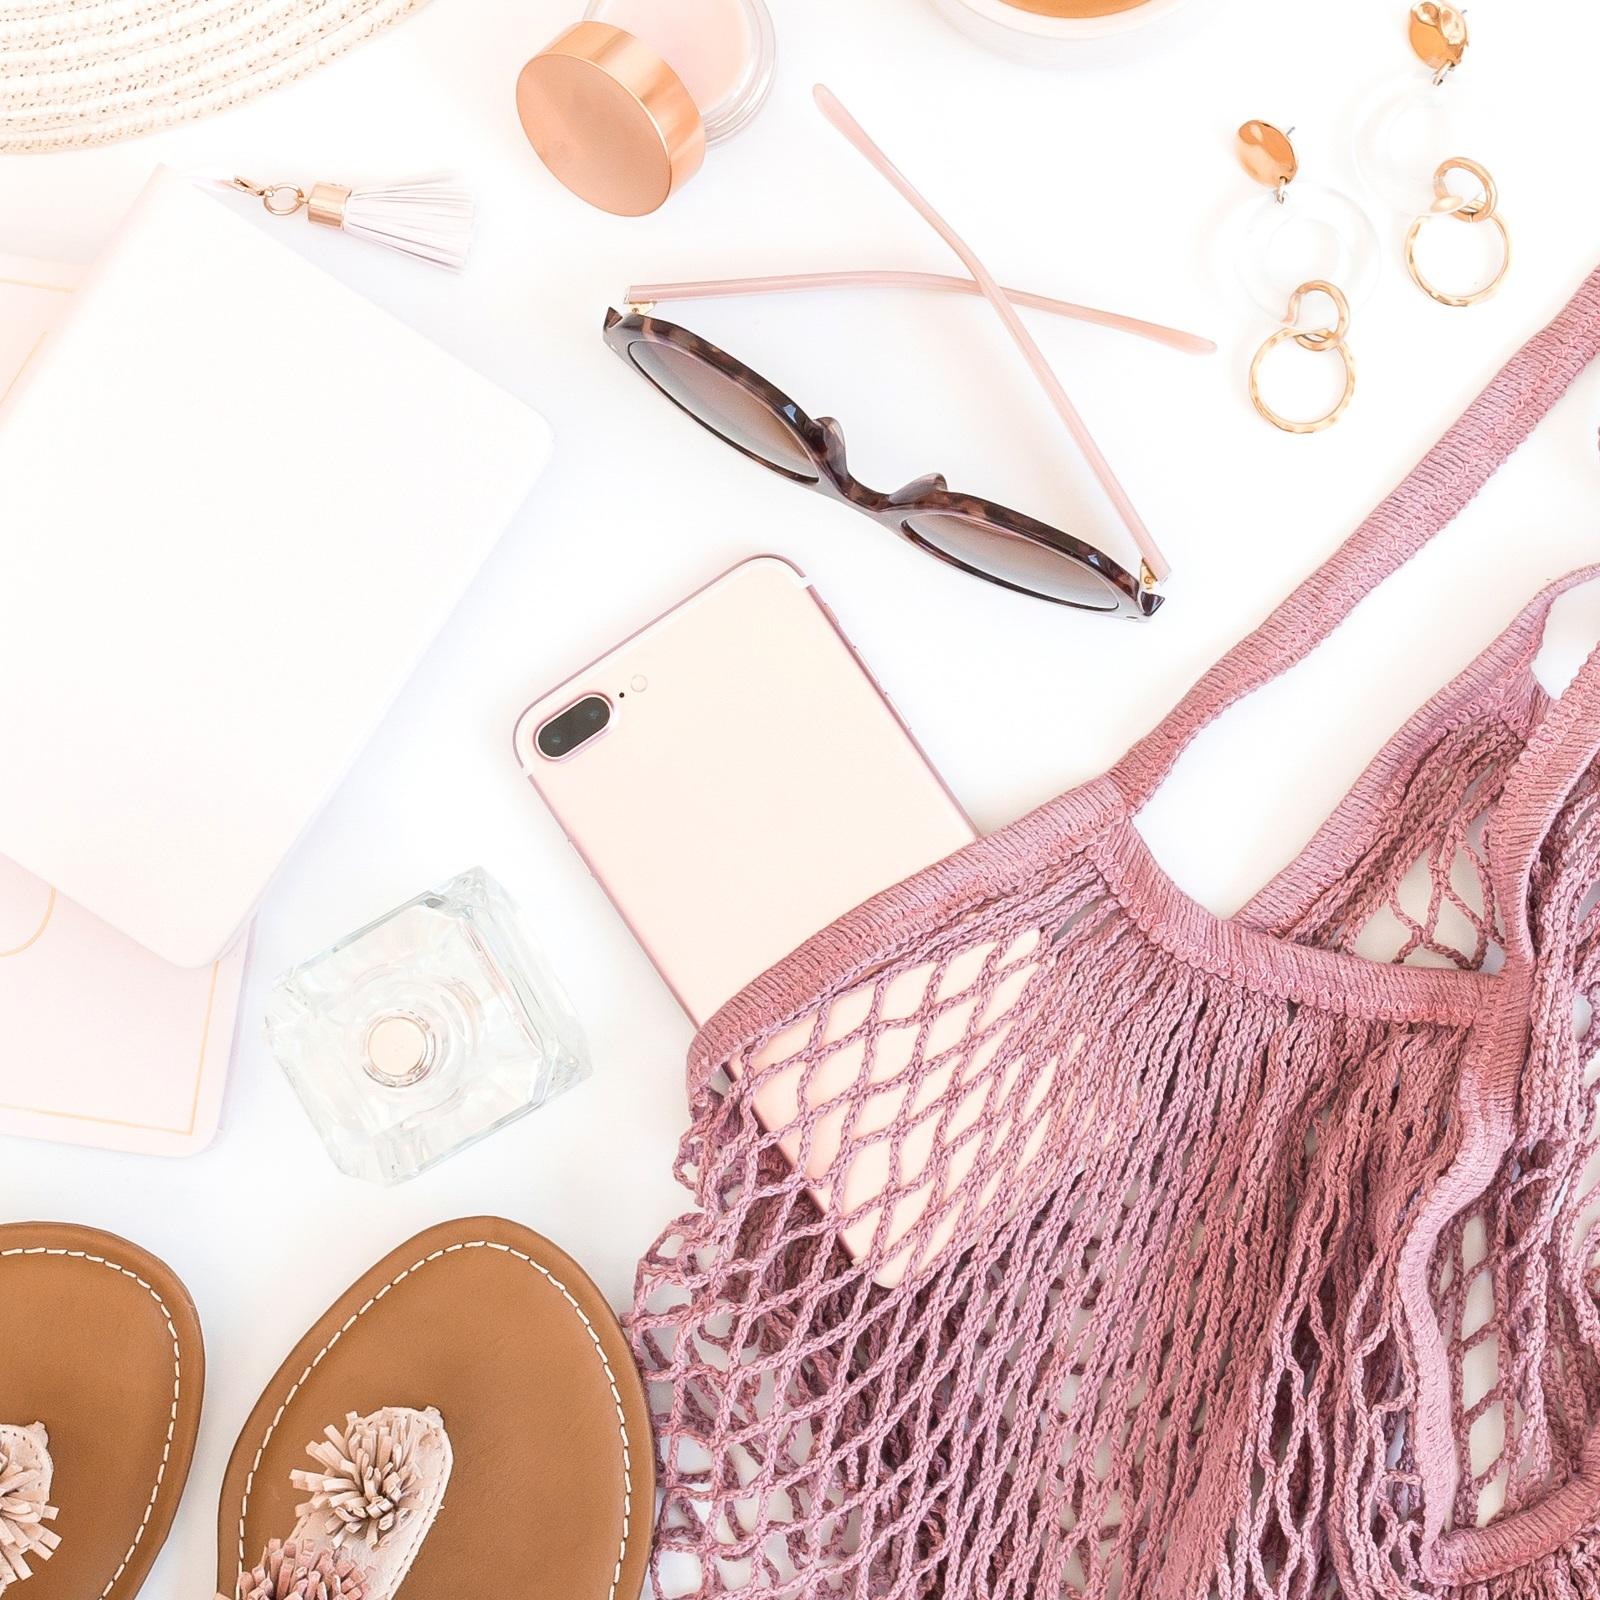 ALL NATURAL & NON-TOXIC - the handbag essentials kit